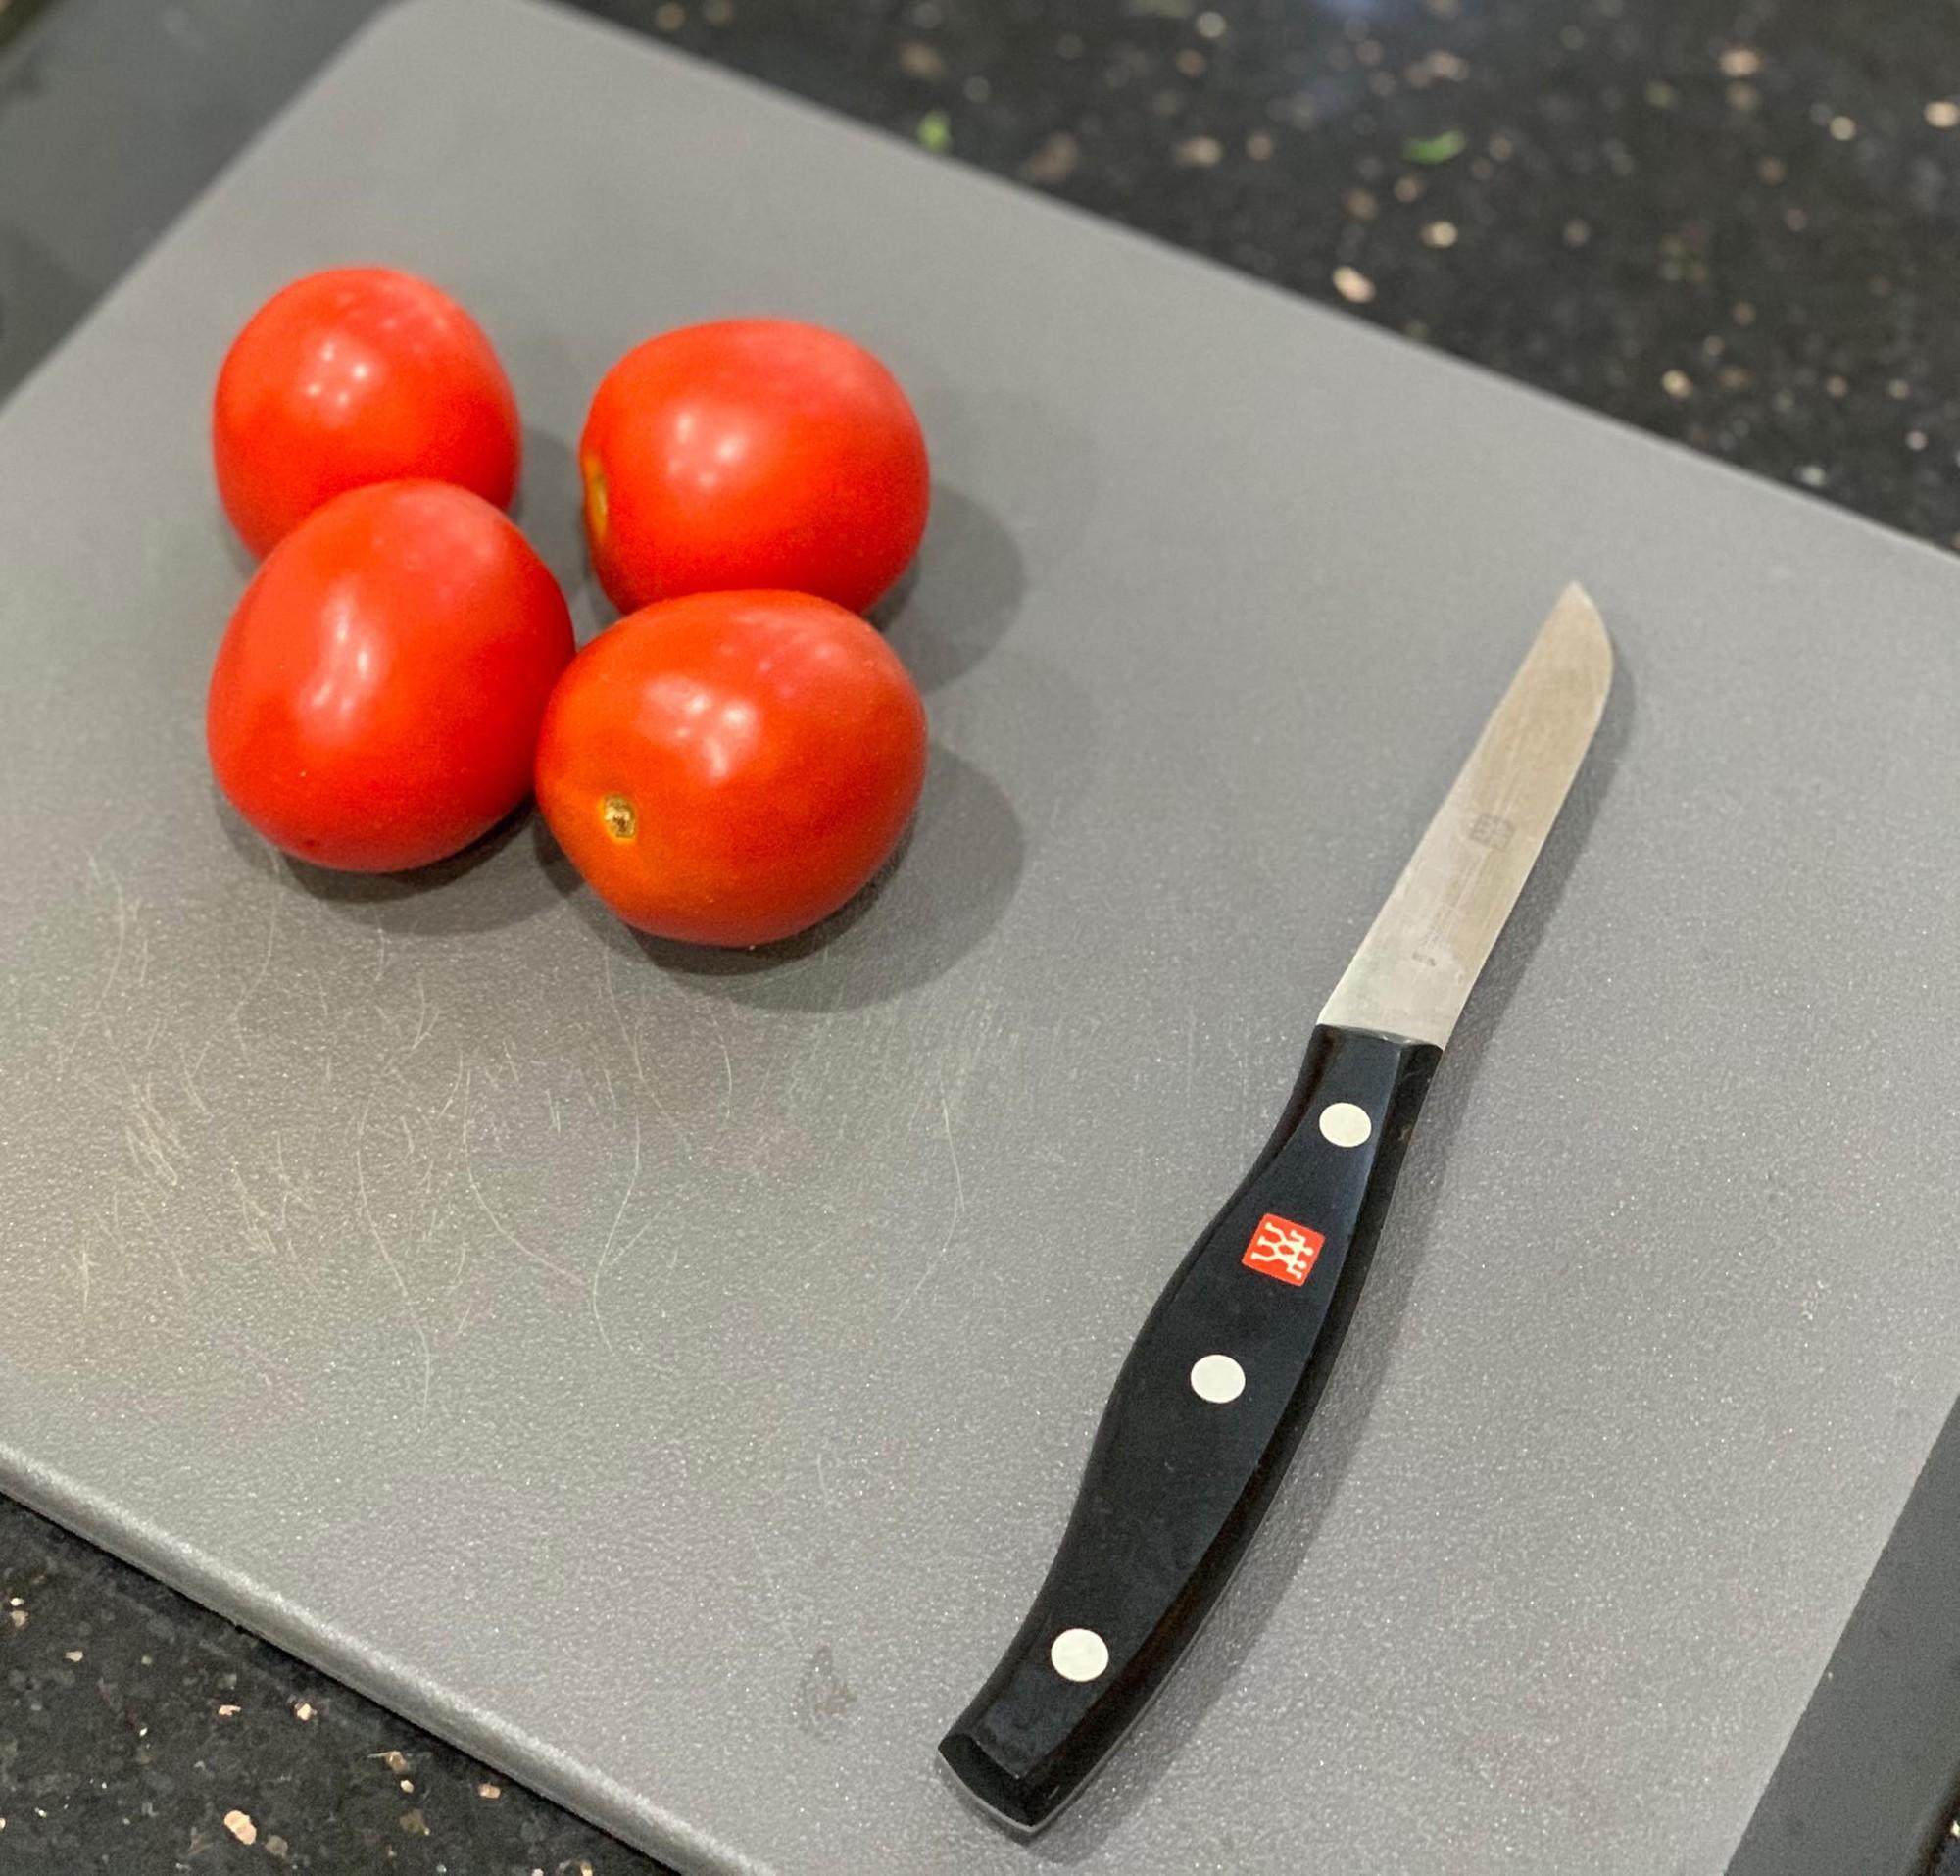 2 cách tạo hình hoa hồng từ cà chua dễ không tưởng giúp món ăn nâng tầm đẳng cấp - Hình 2